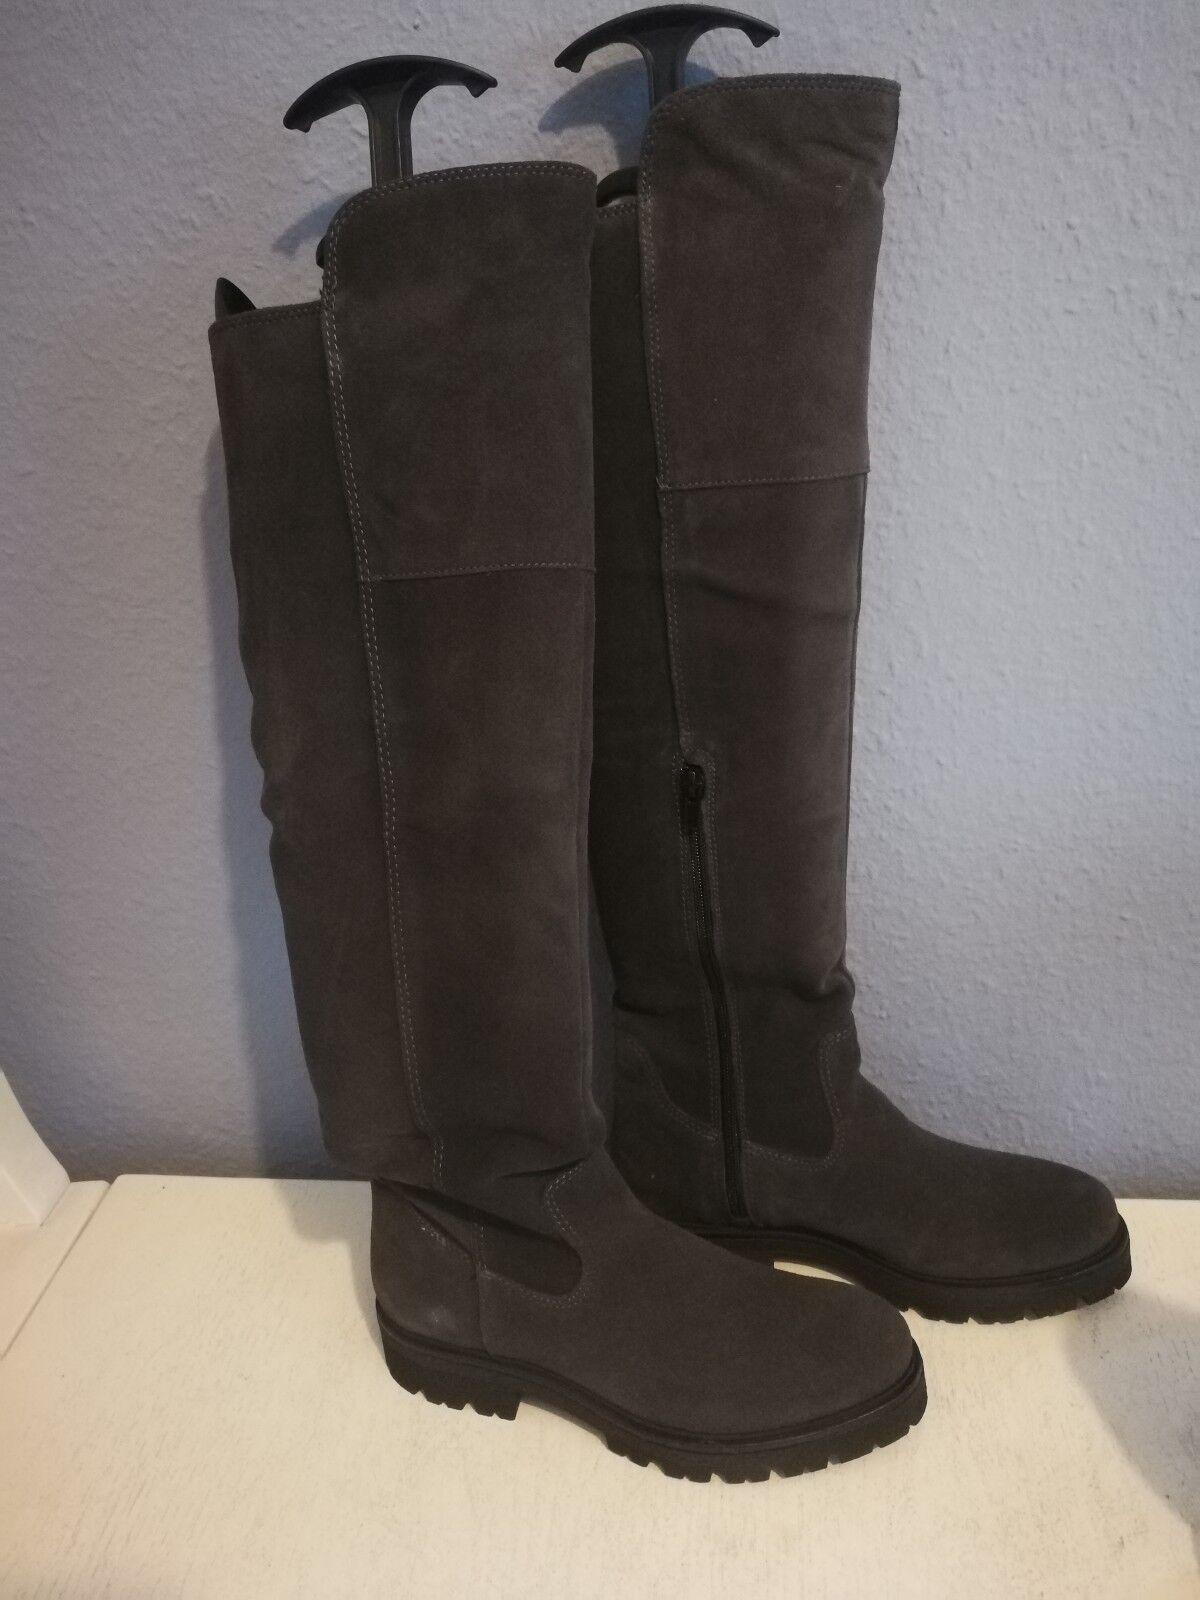 Damen Overknee Stiefel Stiefel Stiefel von Tamaris 386c1e